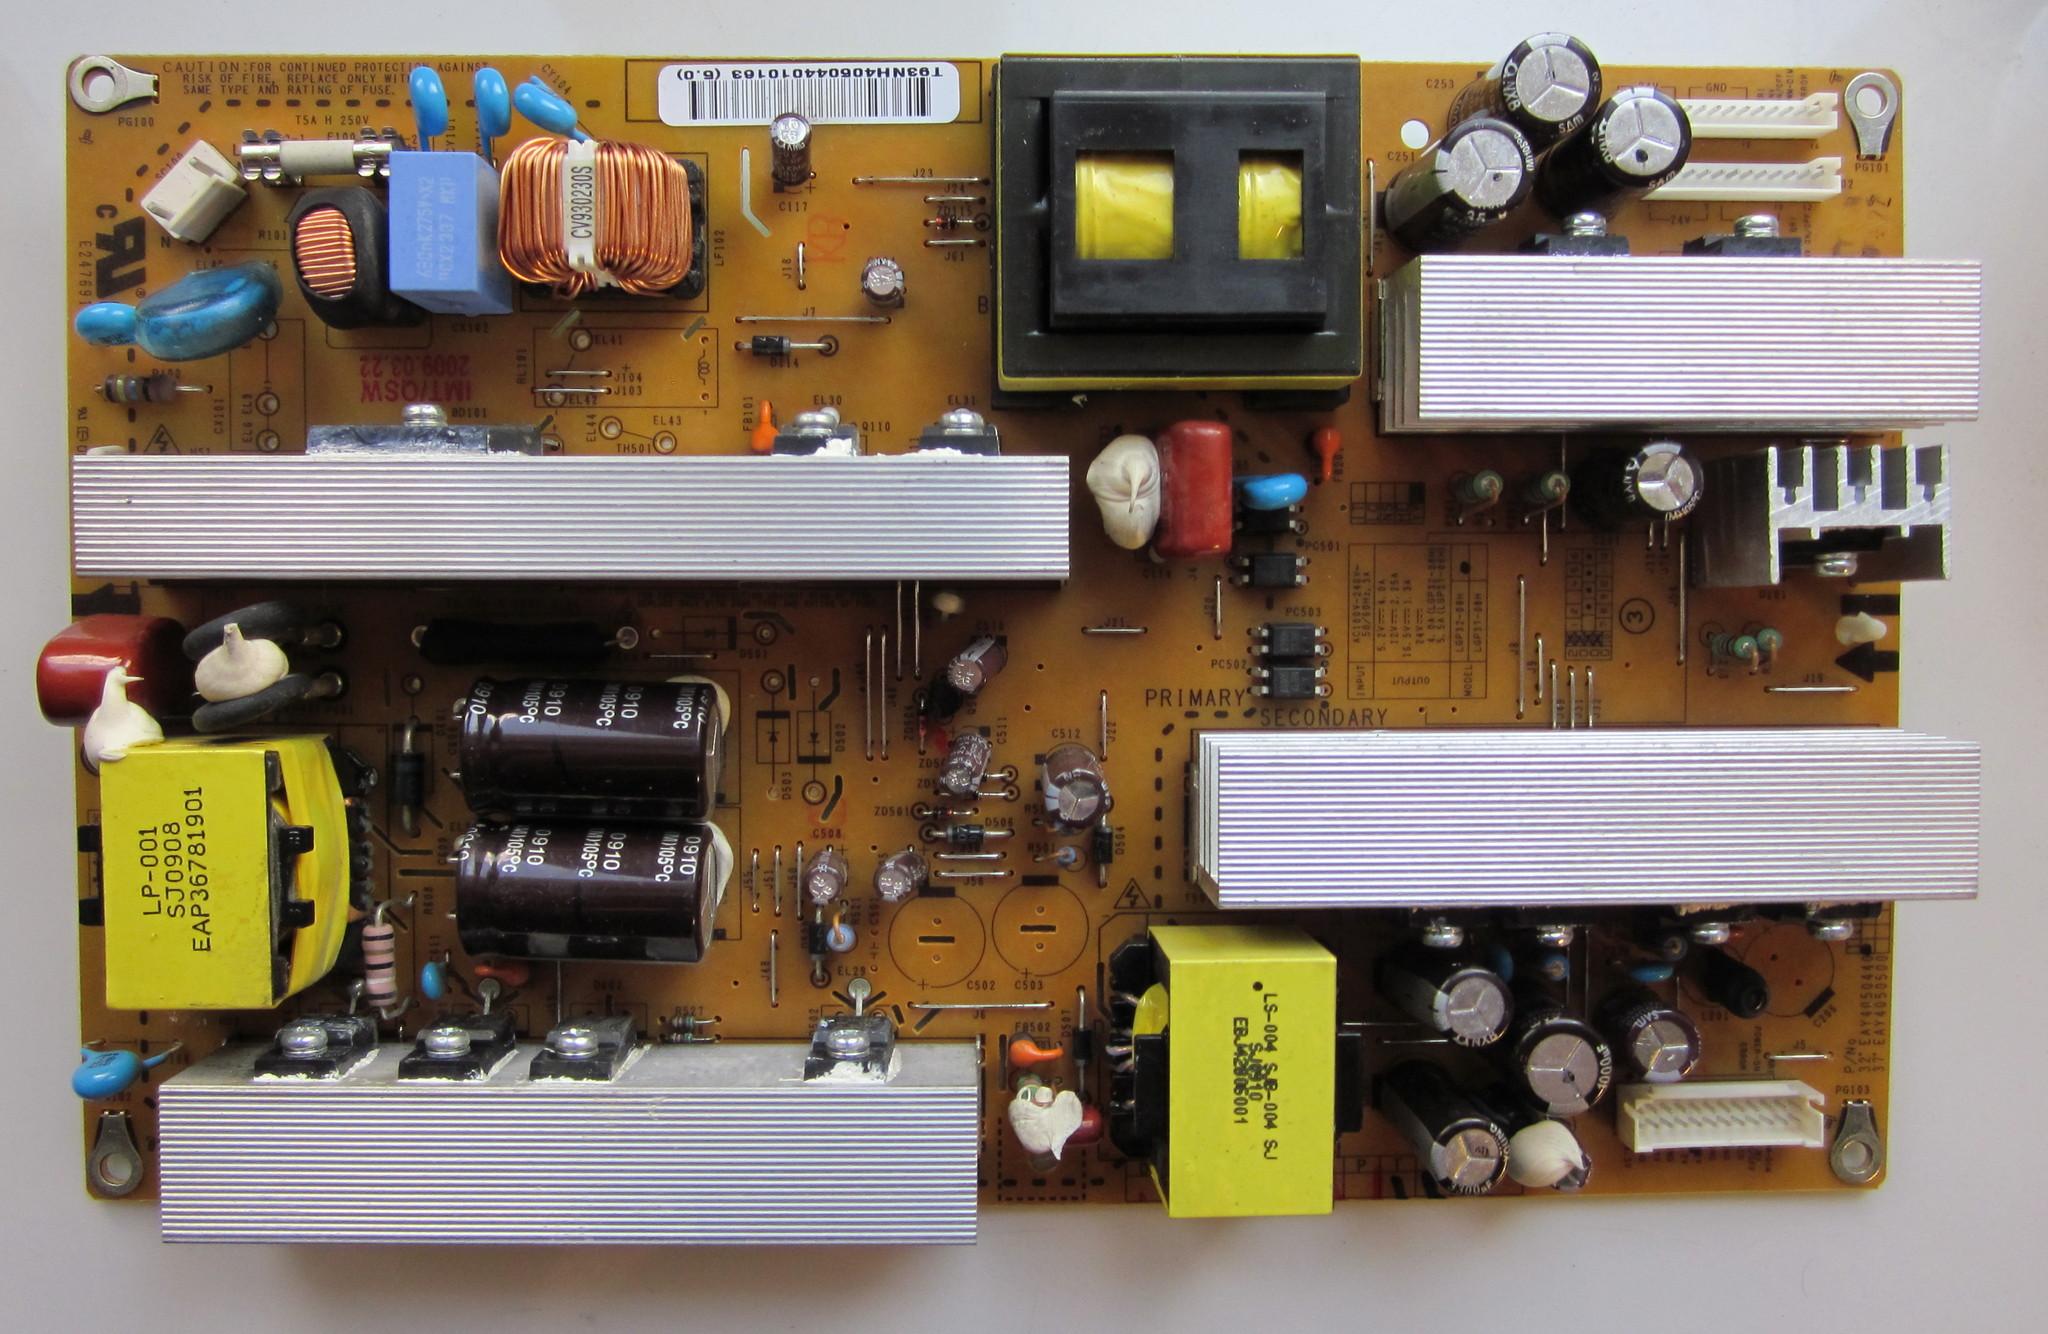 LGP32-08H